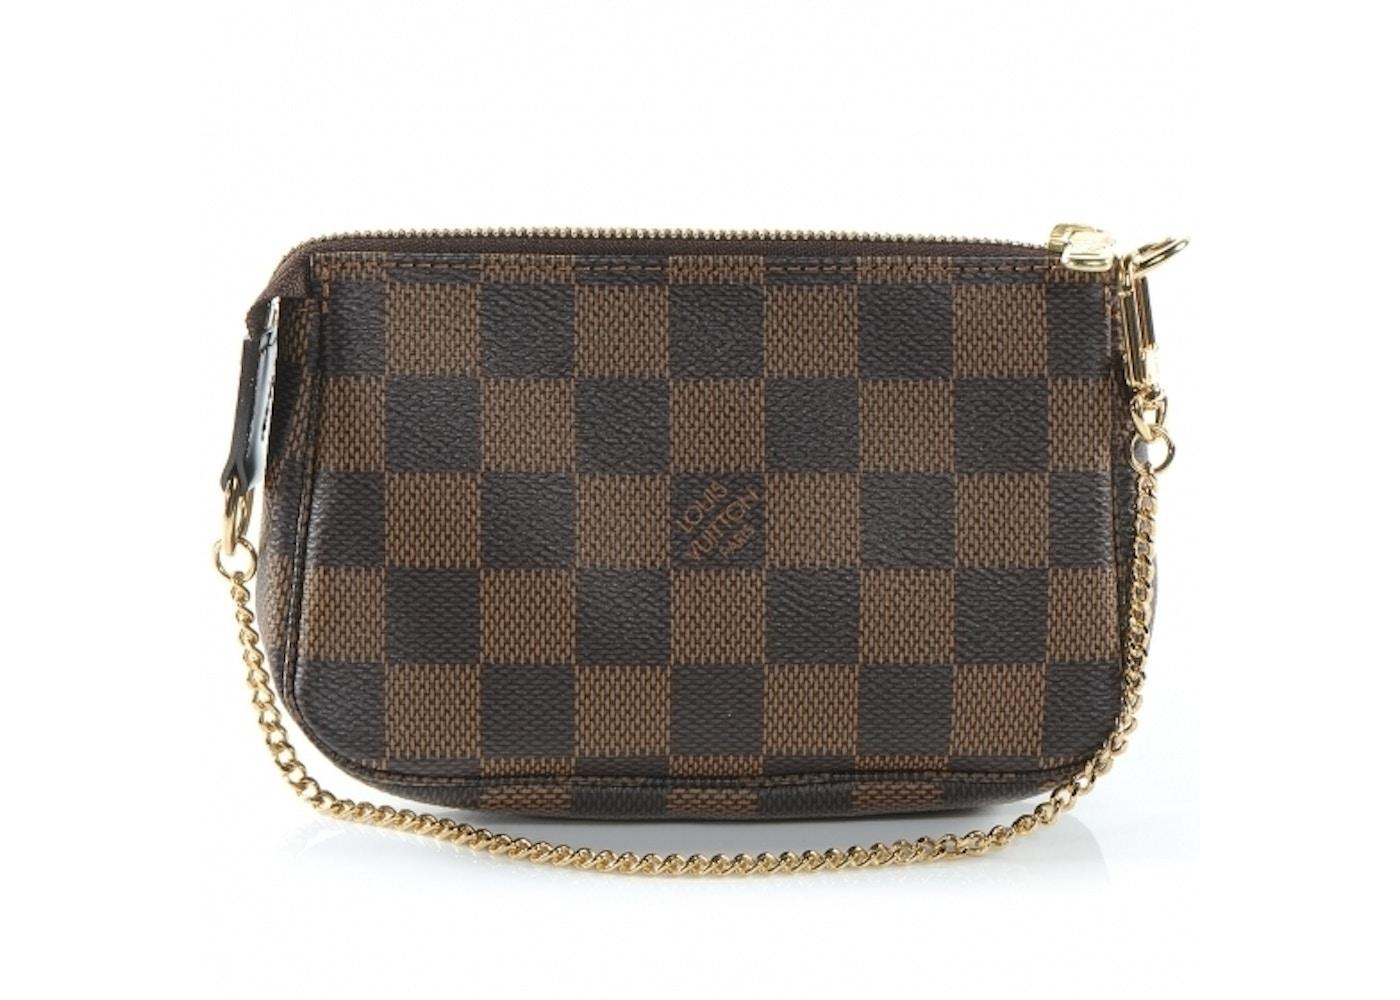 la meilleure attitude ac127 bdfd6 Louis Vuitton Pochette Accessoires Damier Ebene Mini Brown